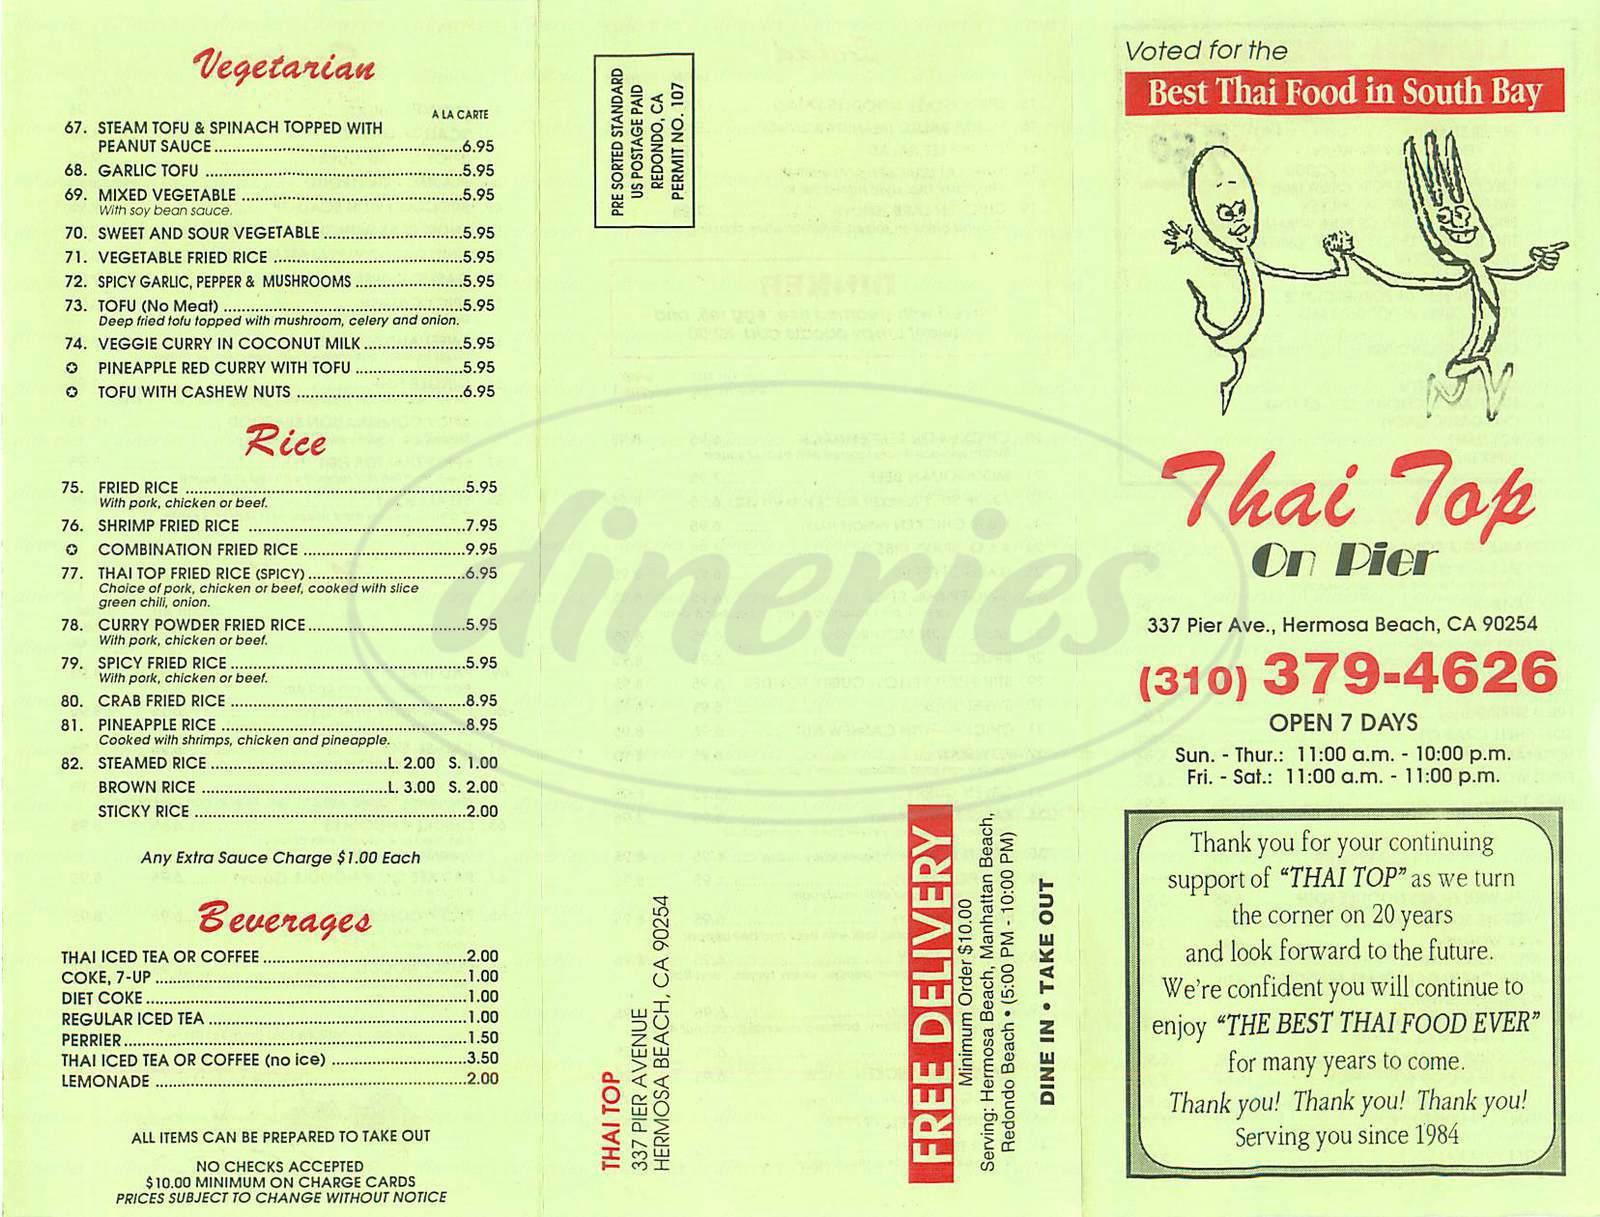 menu for Thai Top